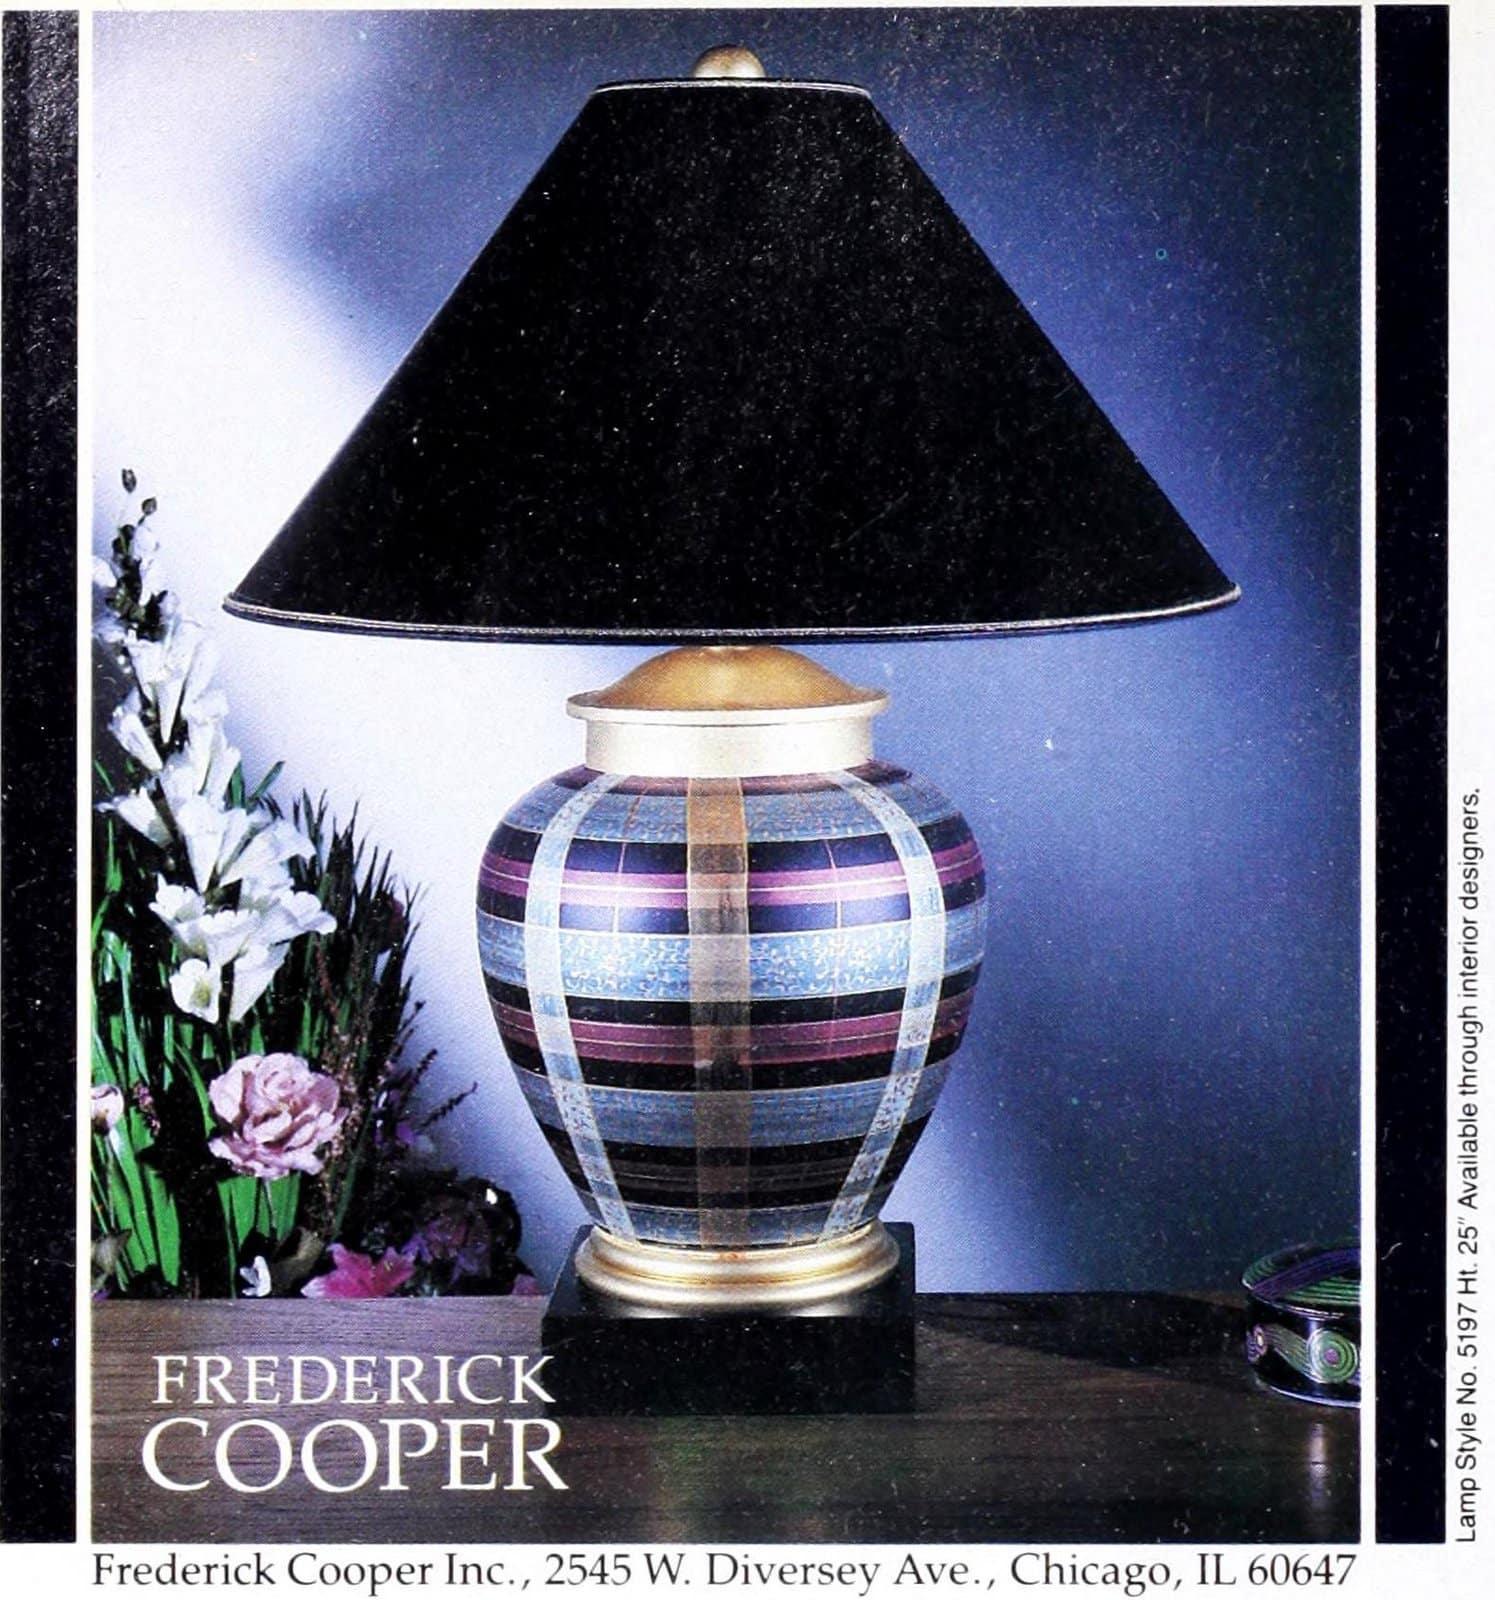 Vintage Frederick Cooper plaid-effect designer table lamp (1989)